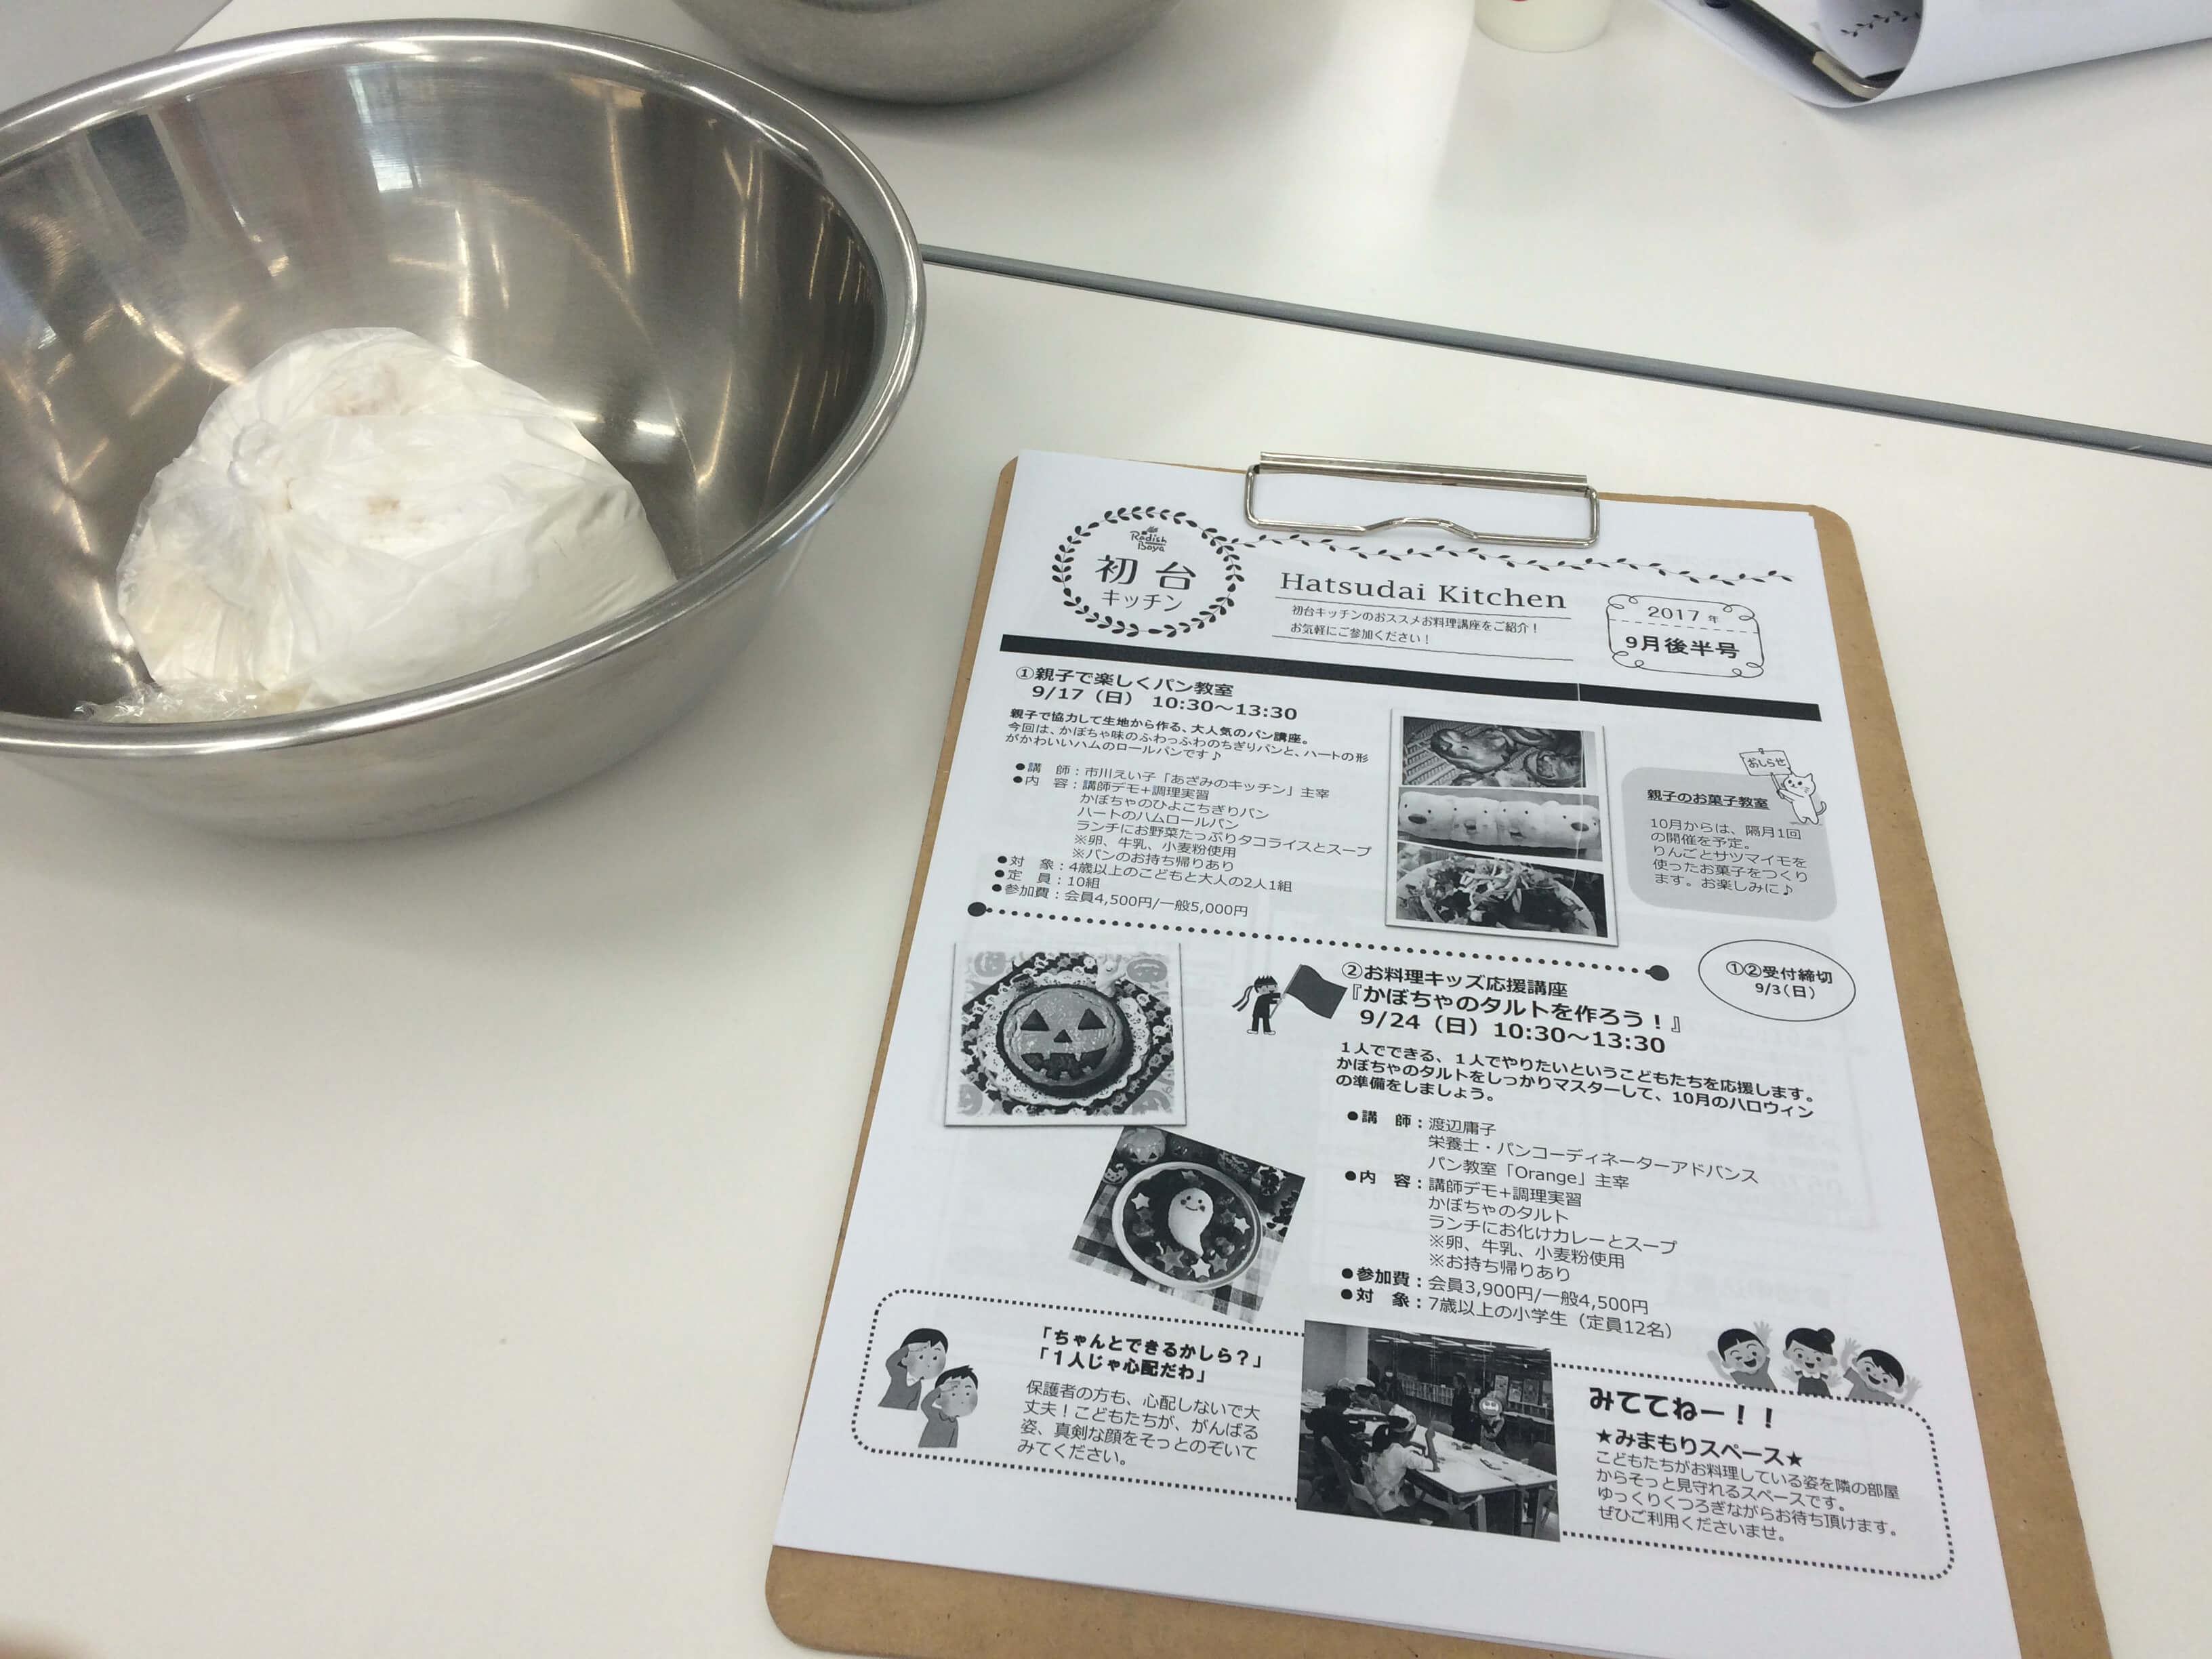 らでぃっしゅぼーやの料理会口コミ体験22